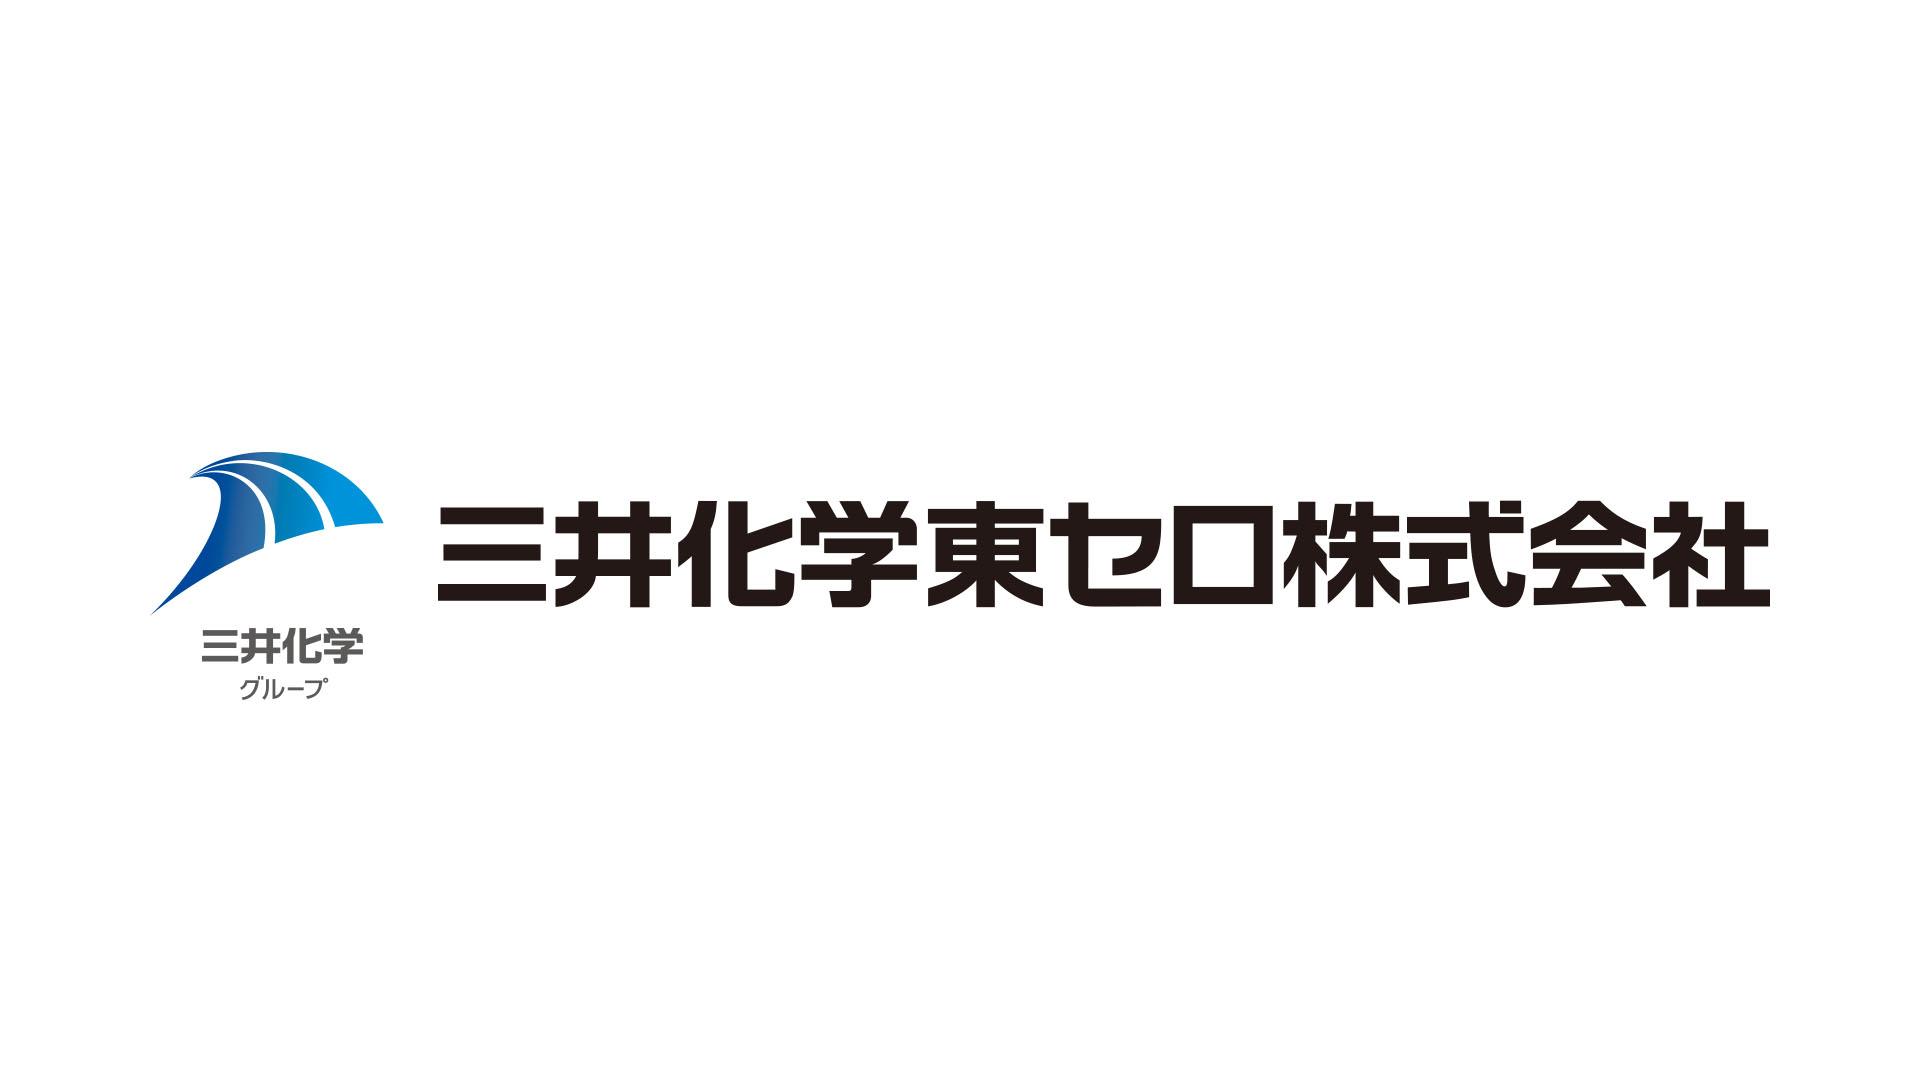 三井化学東セロ株式会社